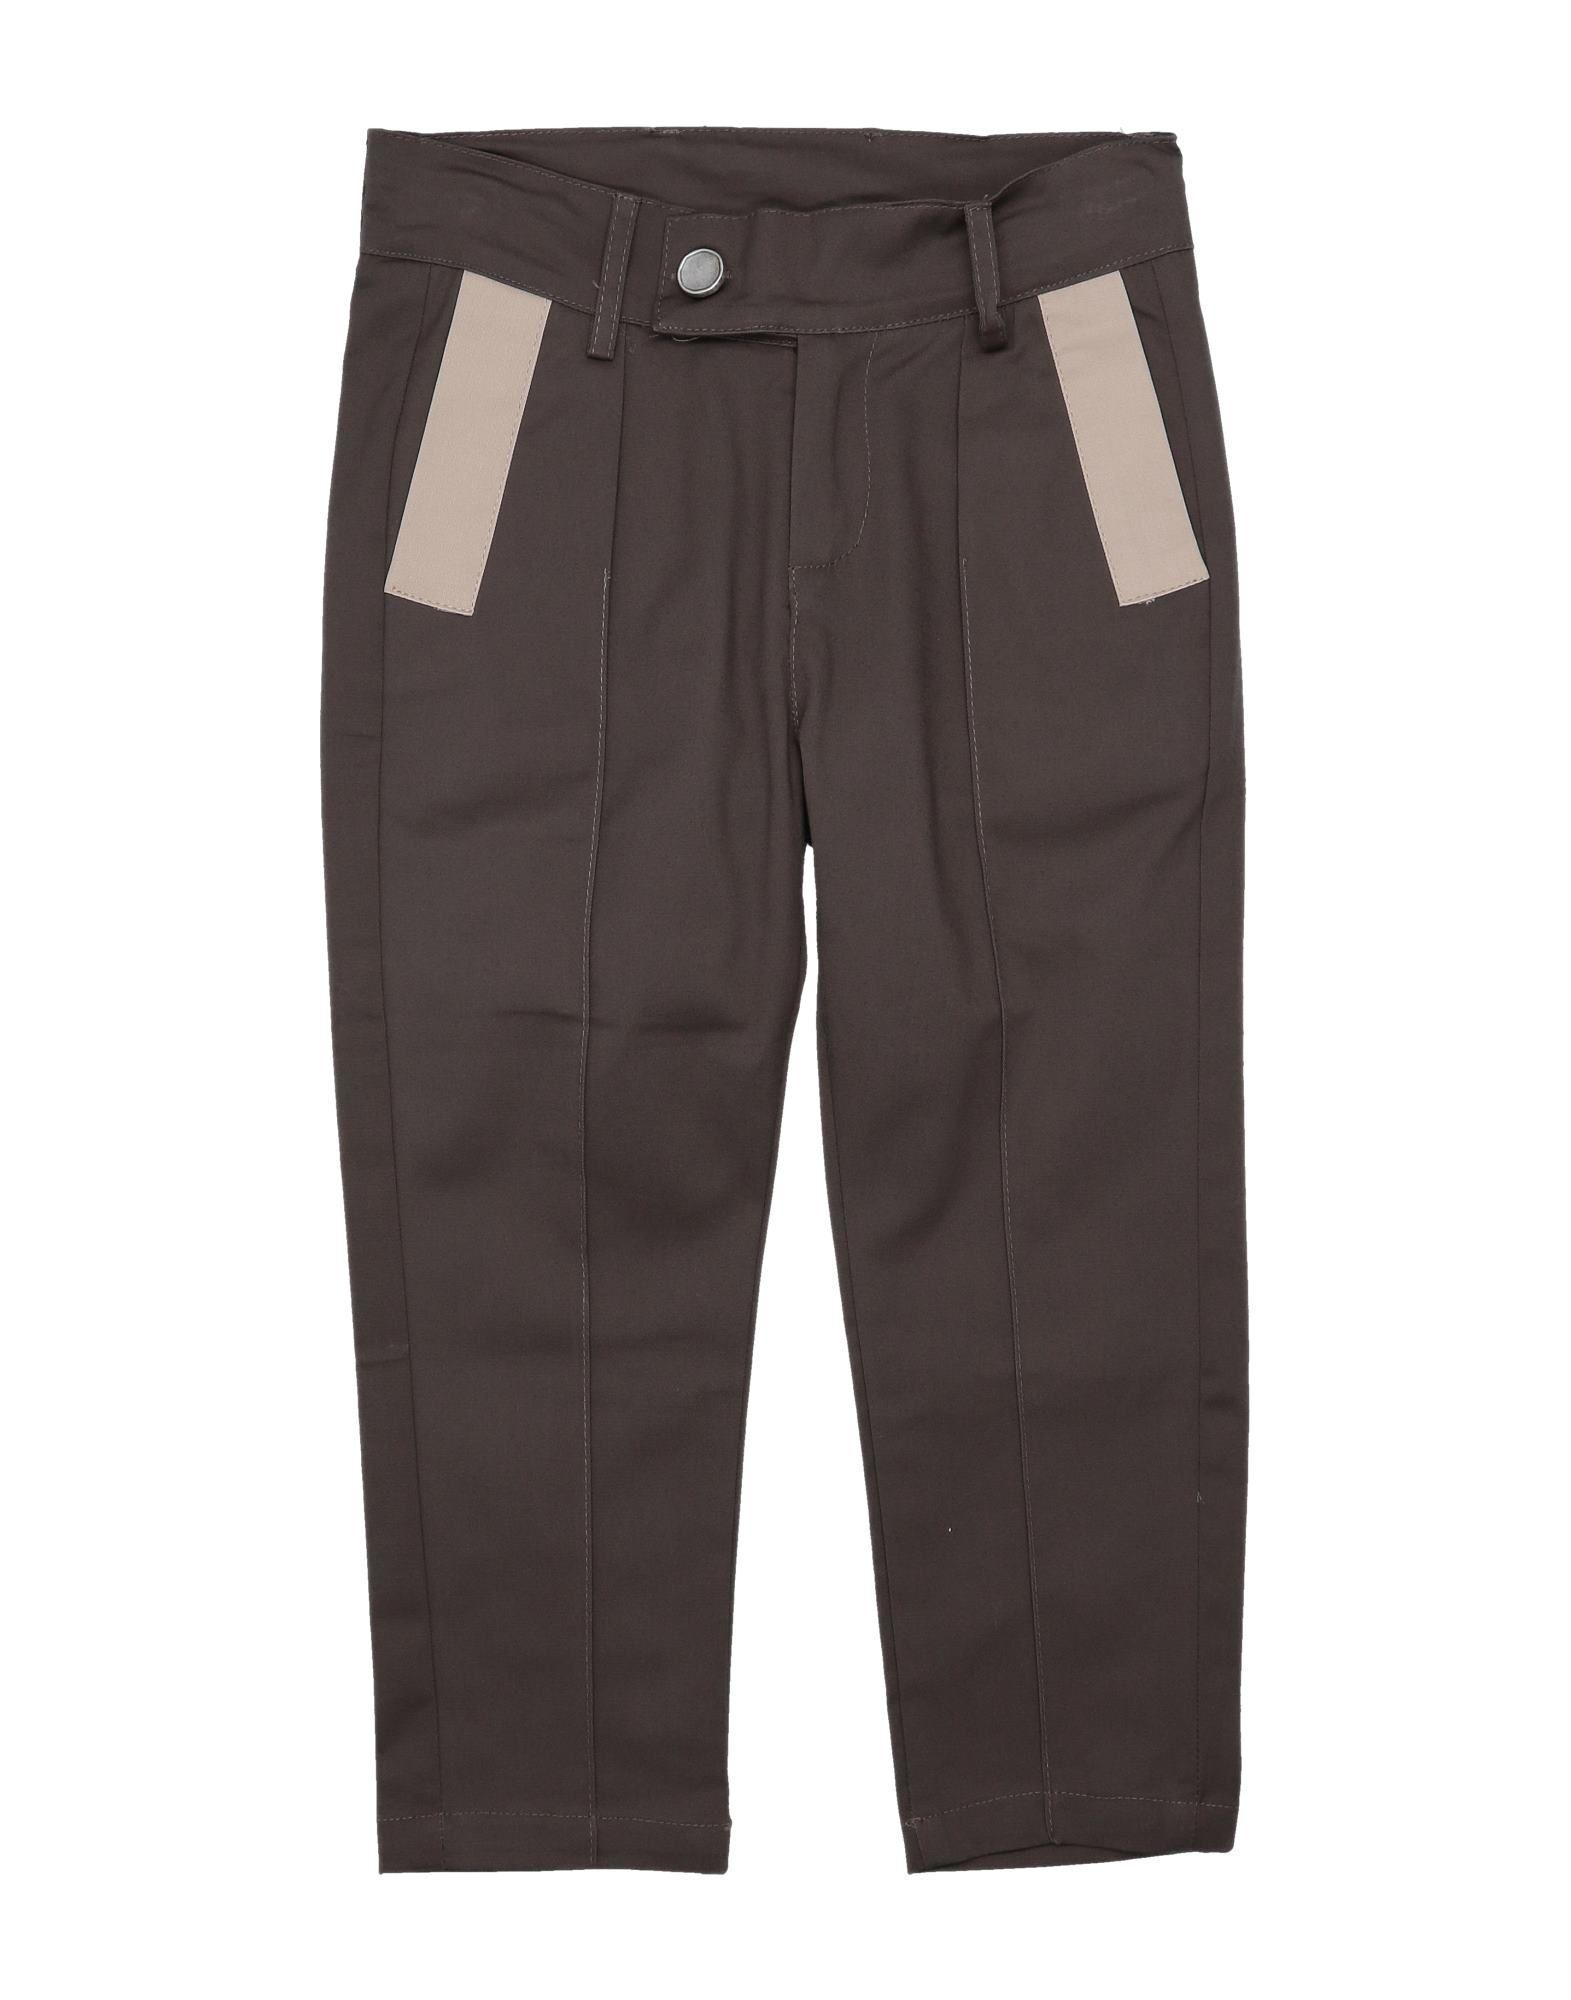 《セール開催中》NUMBERS. ボーイズ 9-16 歳 パンツ ダークブラウン 10 コットン 97% / 指定外繊維(その他伸縮性繊維) 3%